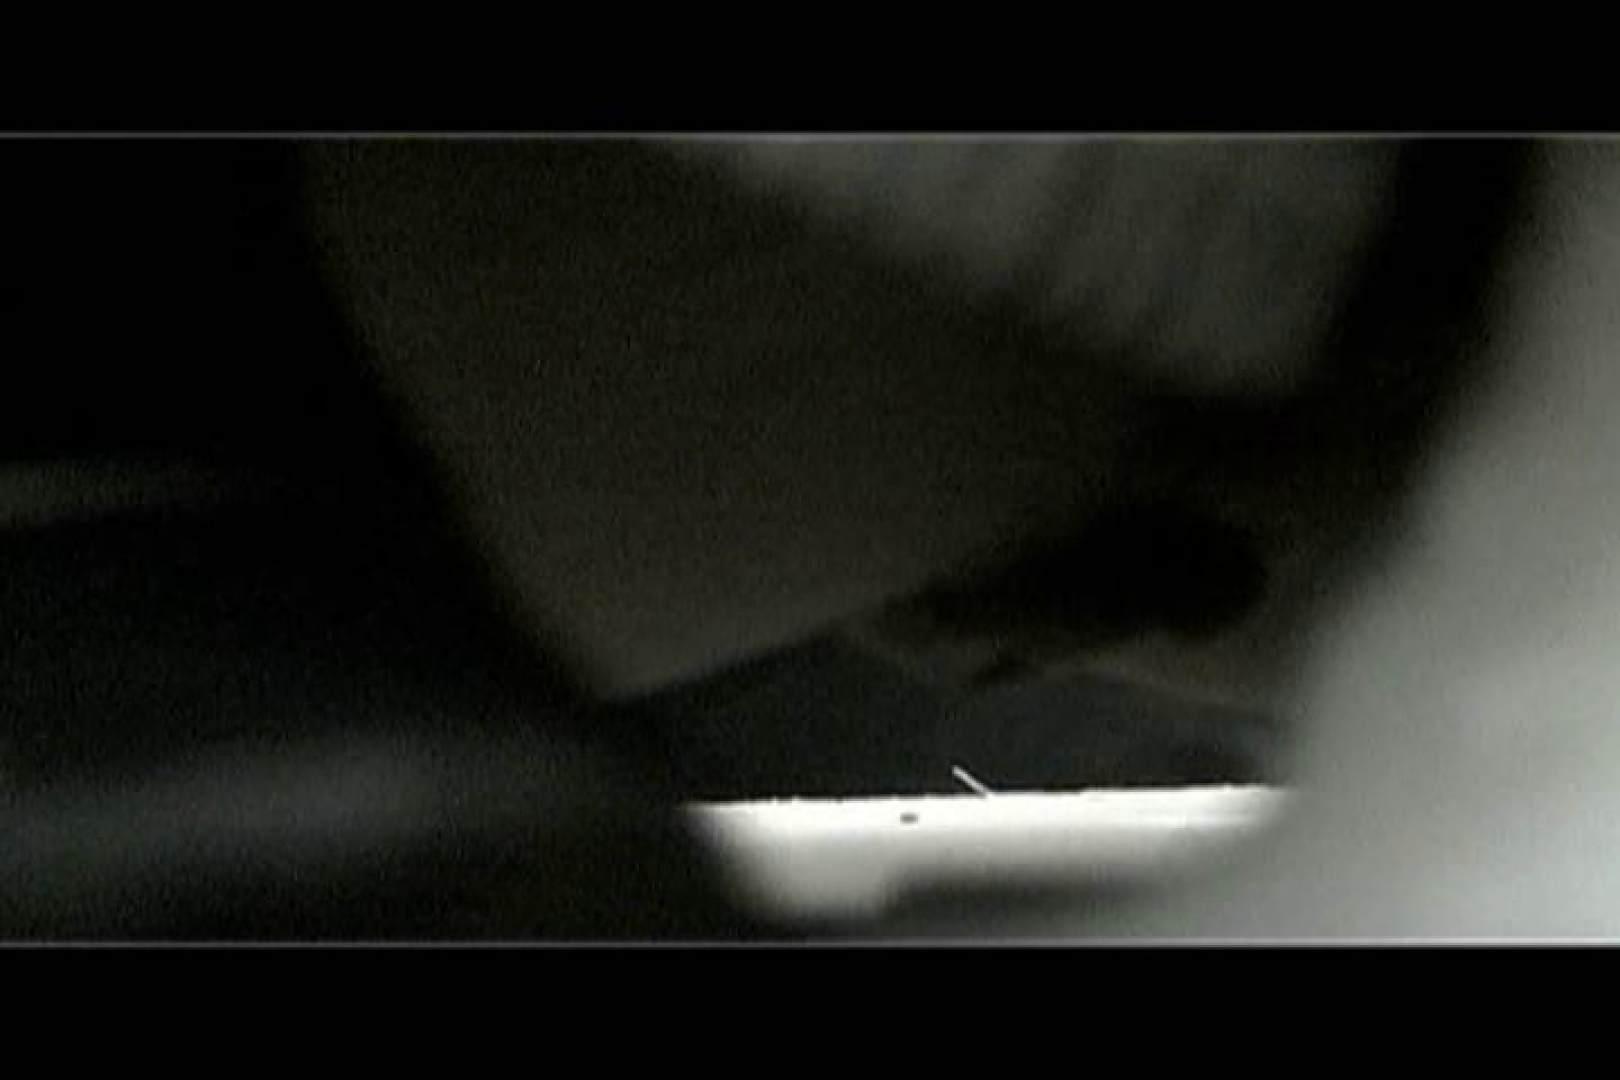 マンコ丸見え女子洗面所Vol.7 排泄 アダルト動画キャプチャ 85連発 39